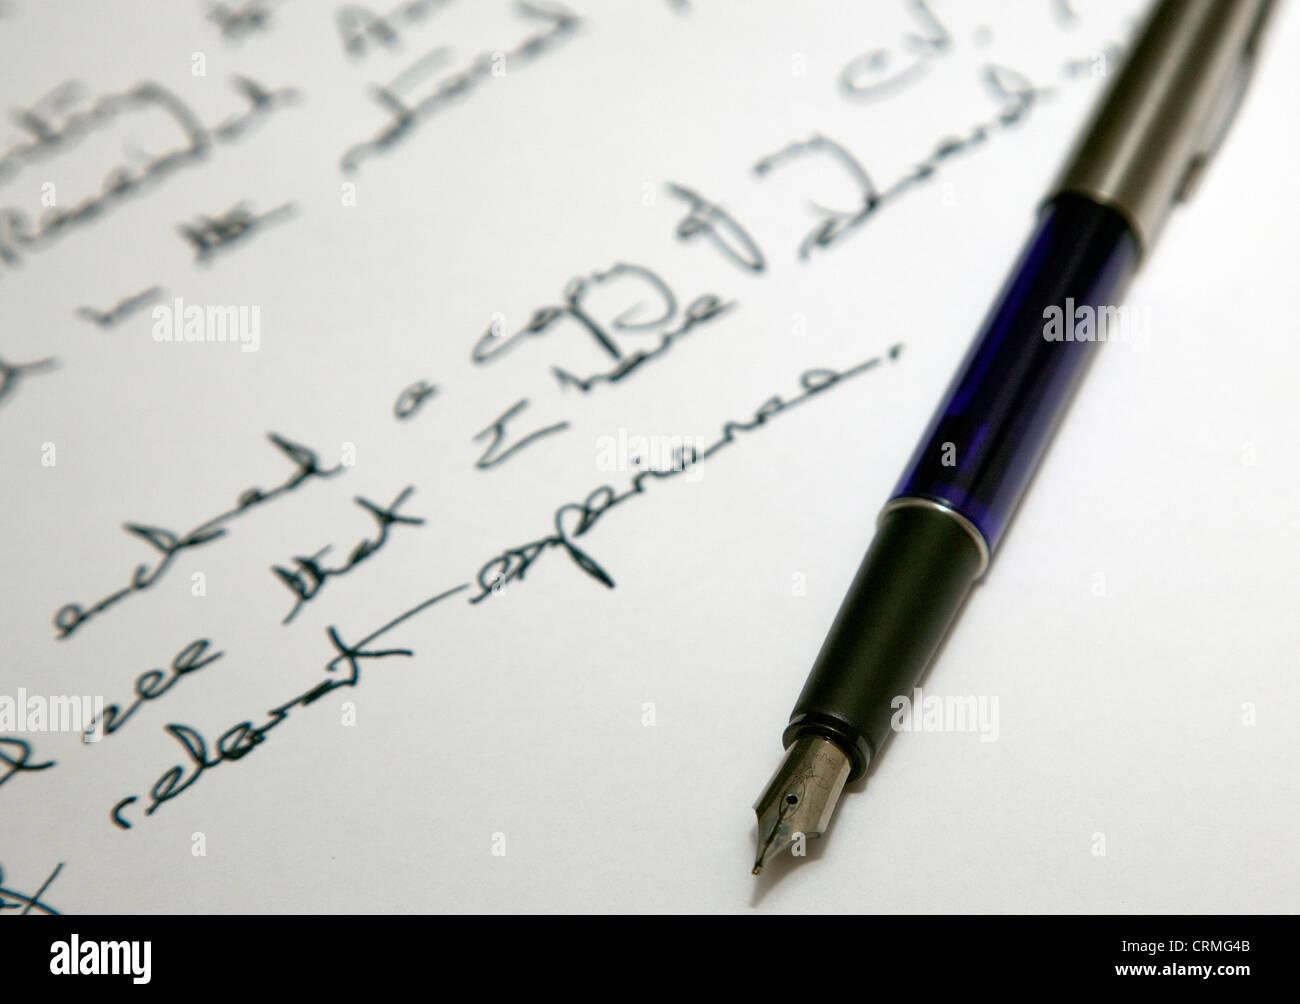 Penna di fontana e scrittura, Londra Immagini Stock